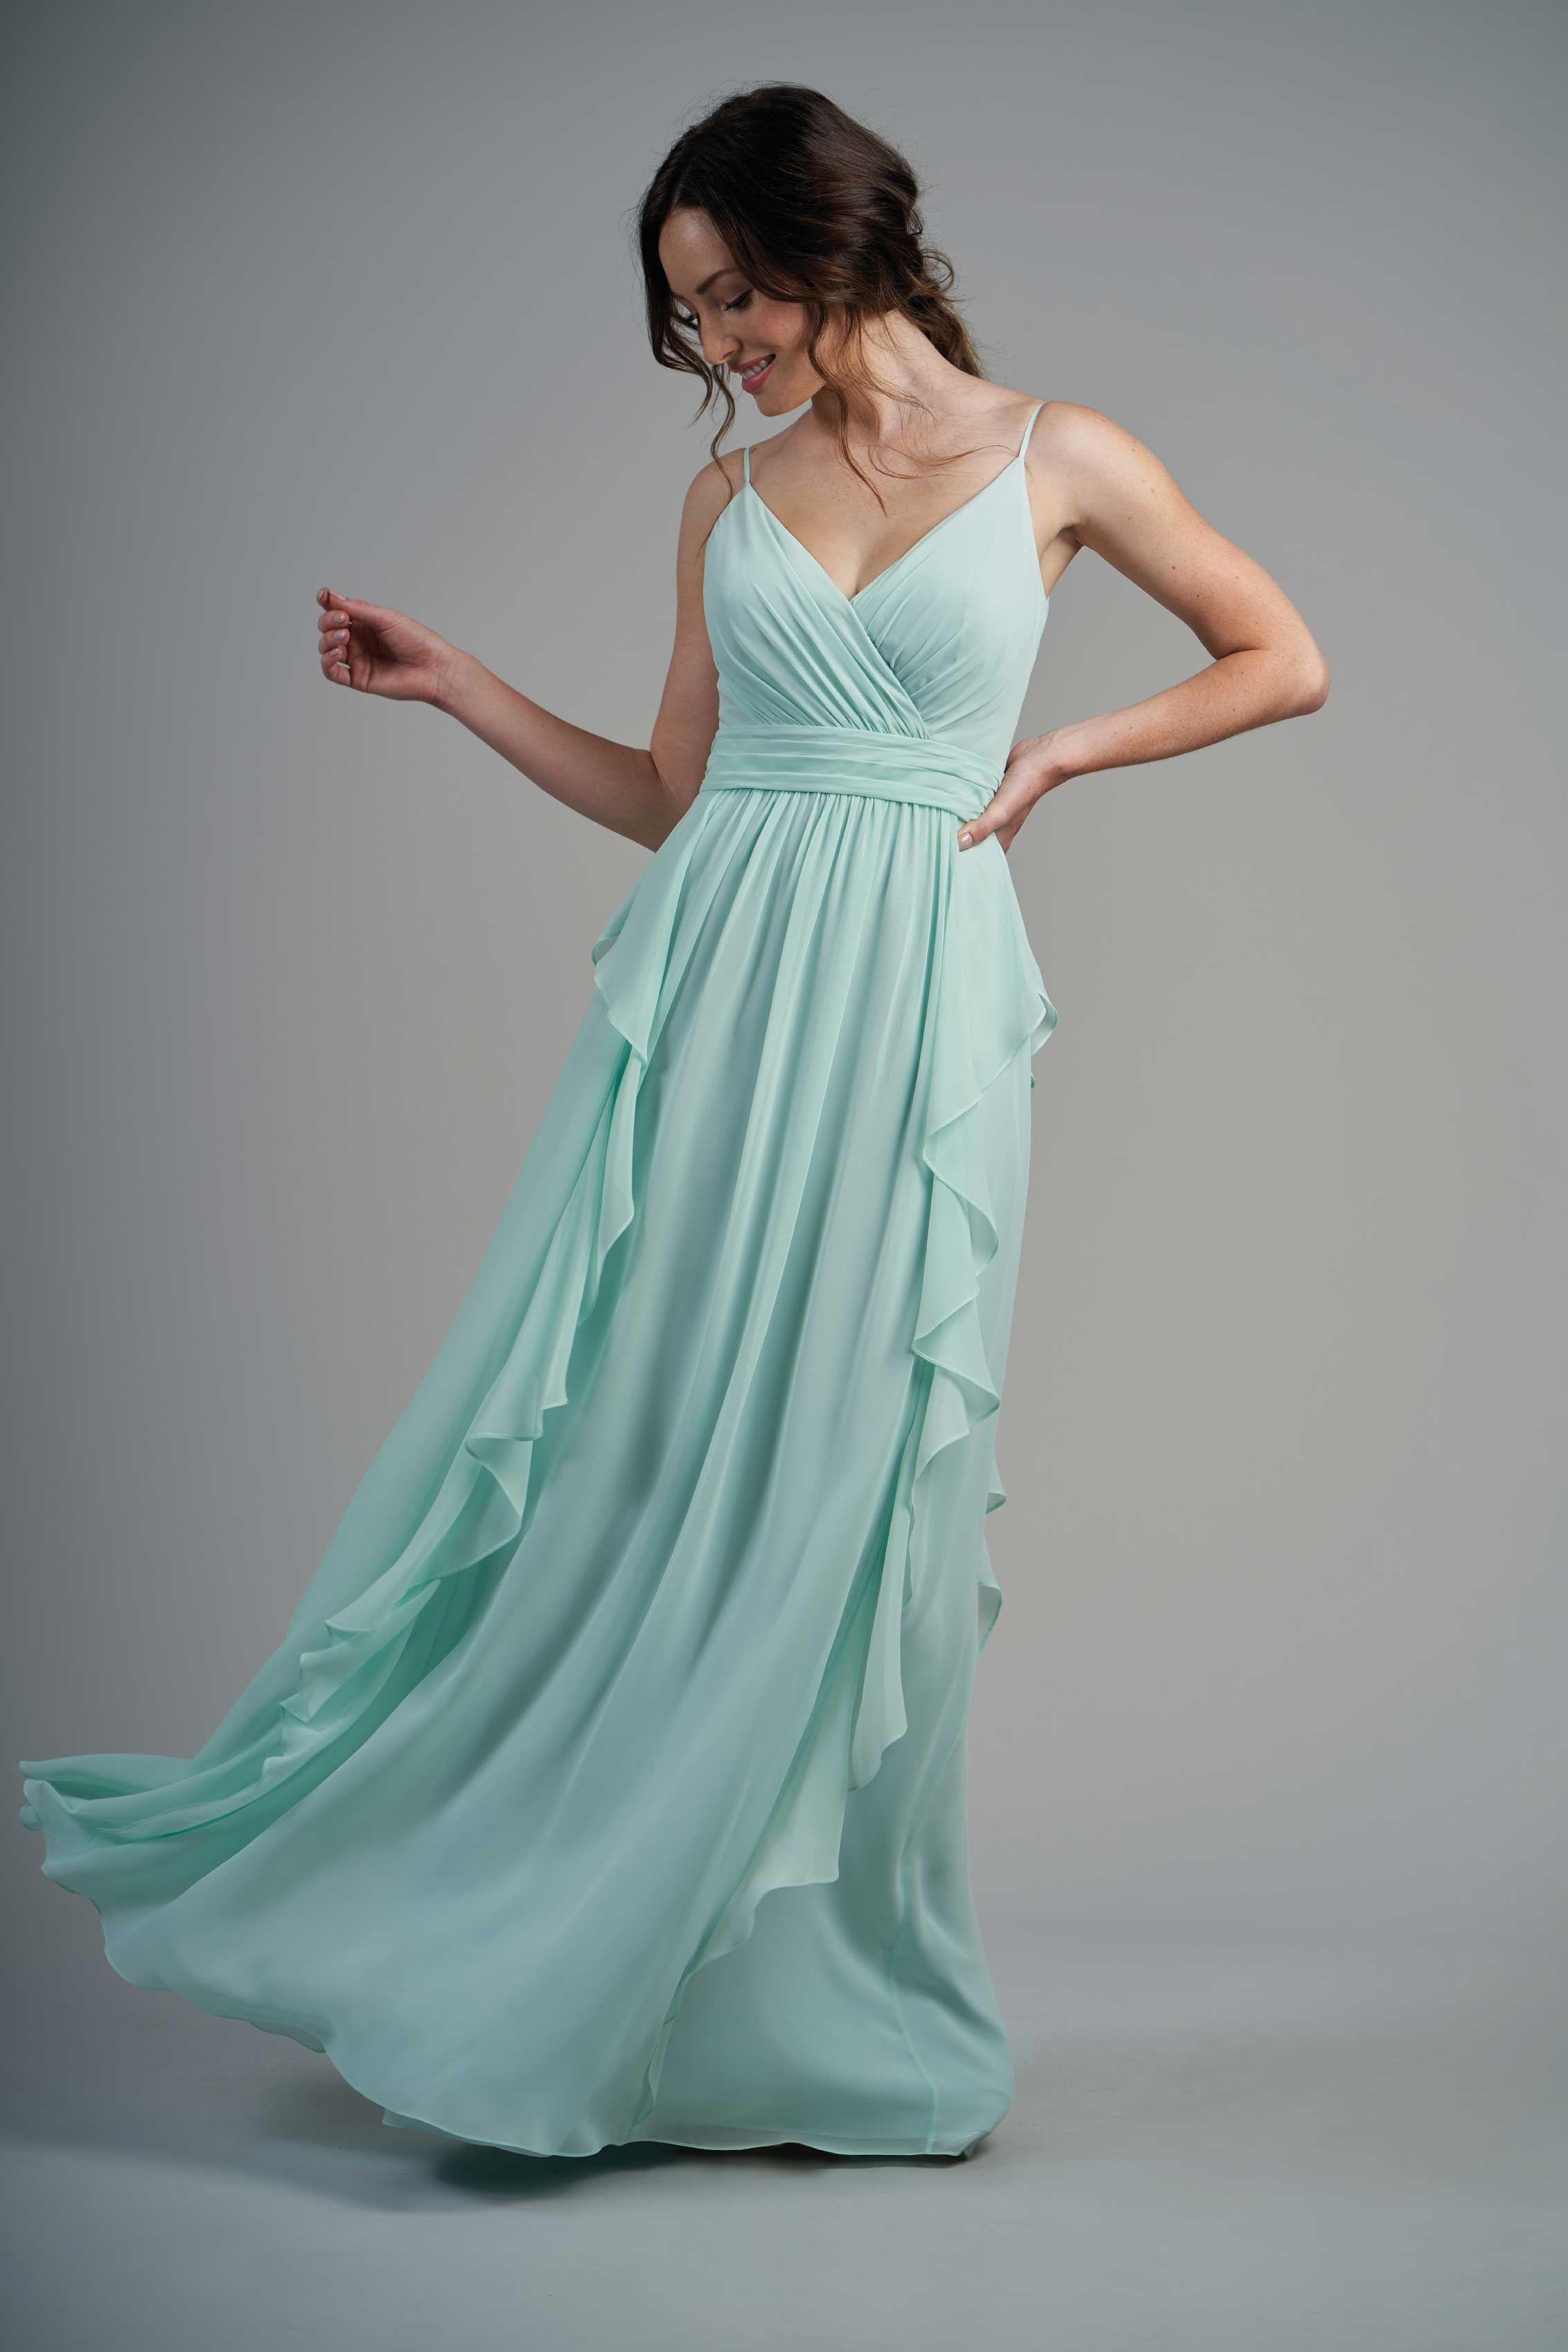 Abendmode Jasmine  Brautkleid, Hochzeitskleider spitze und